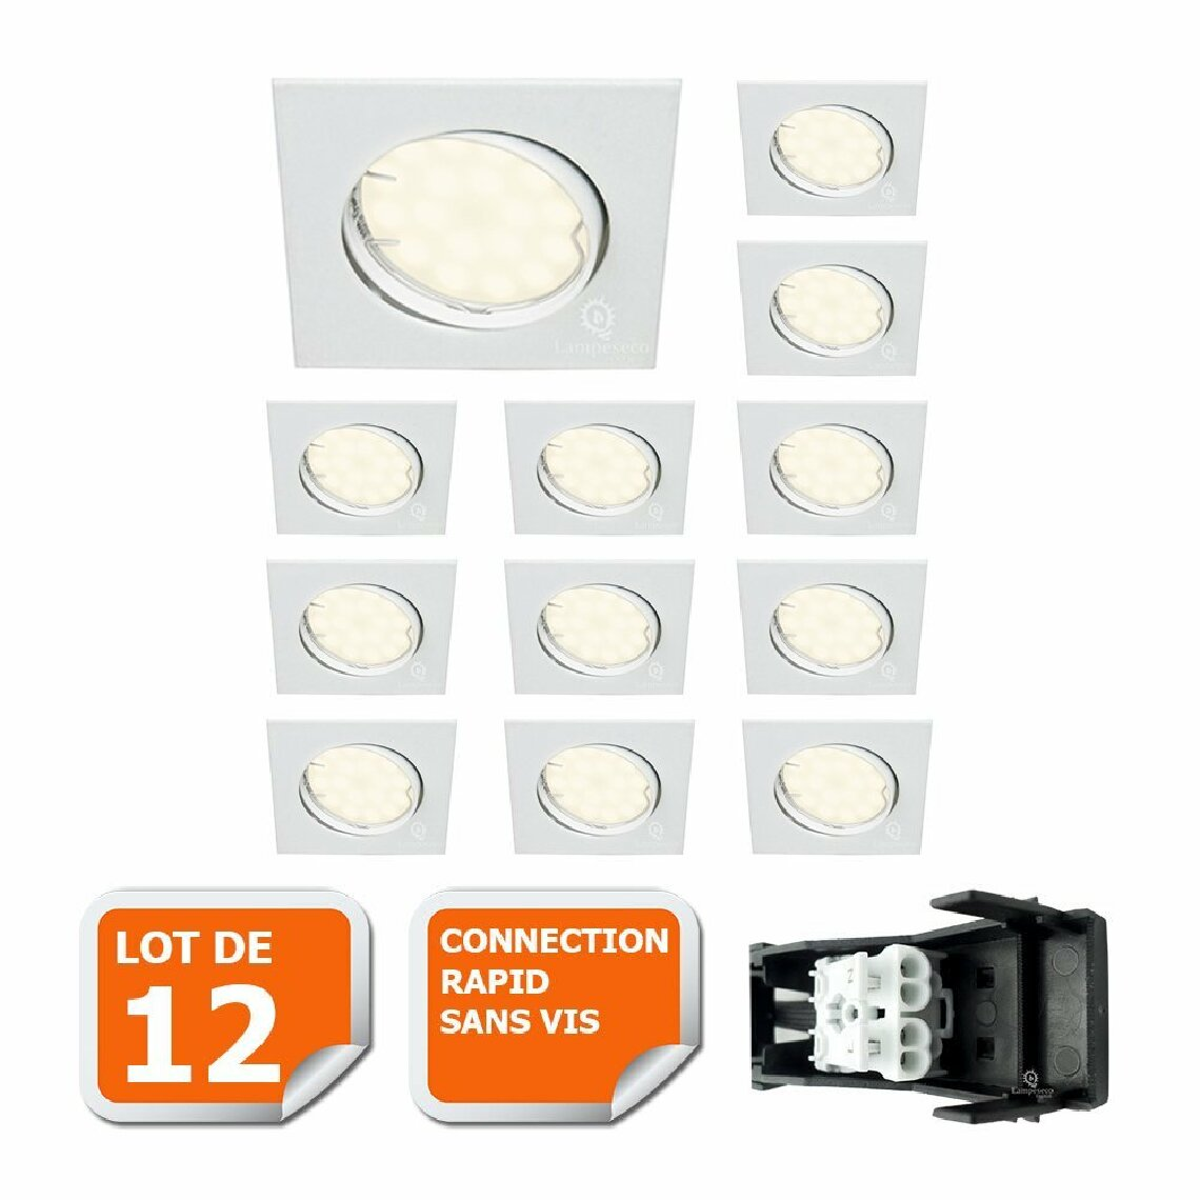 Lampesecoenergie LOT DE 12 SPOT ENCASTRABLE ORIENTABLE LED CARRE GU10 230V eq. 50W BLANC NEUTRE